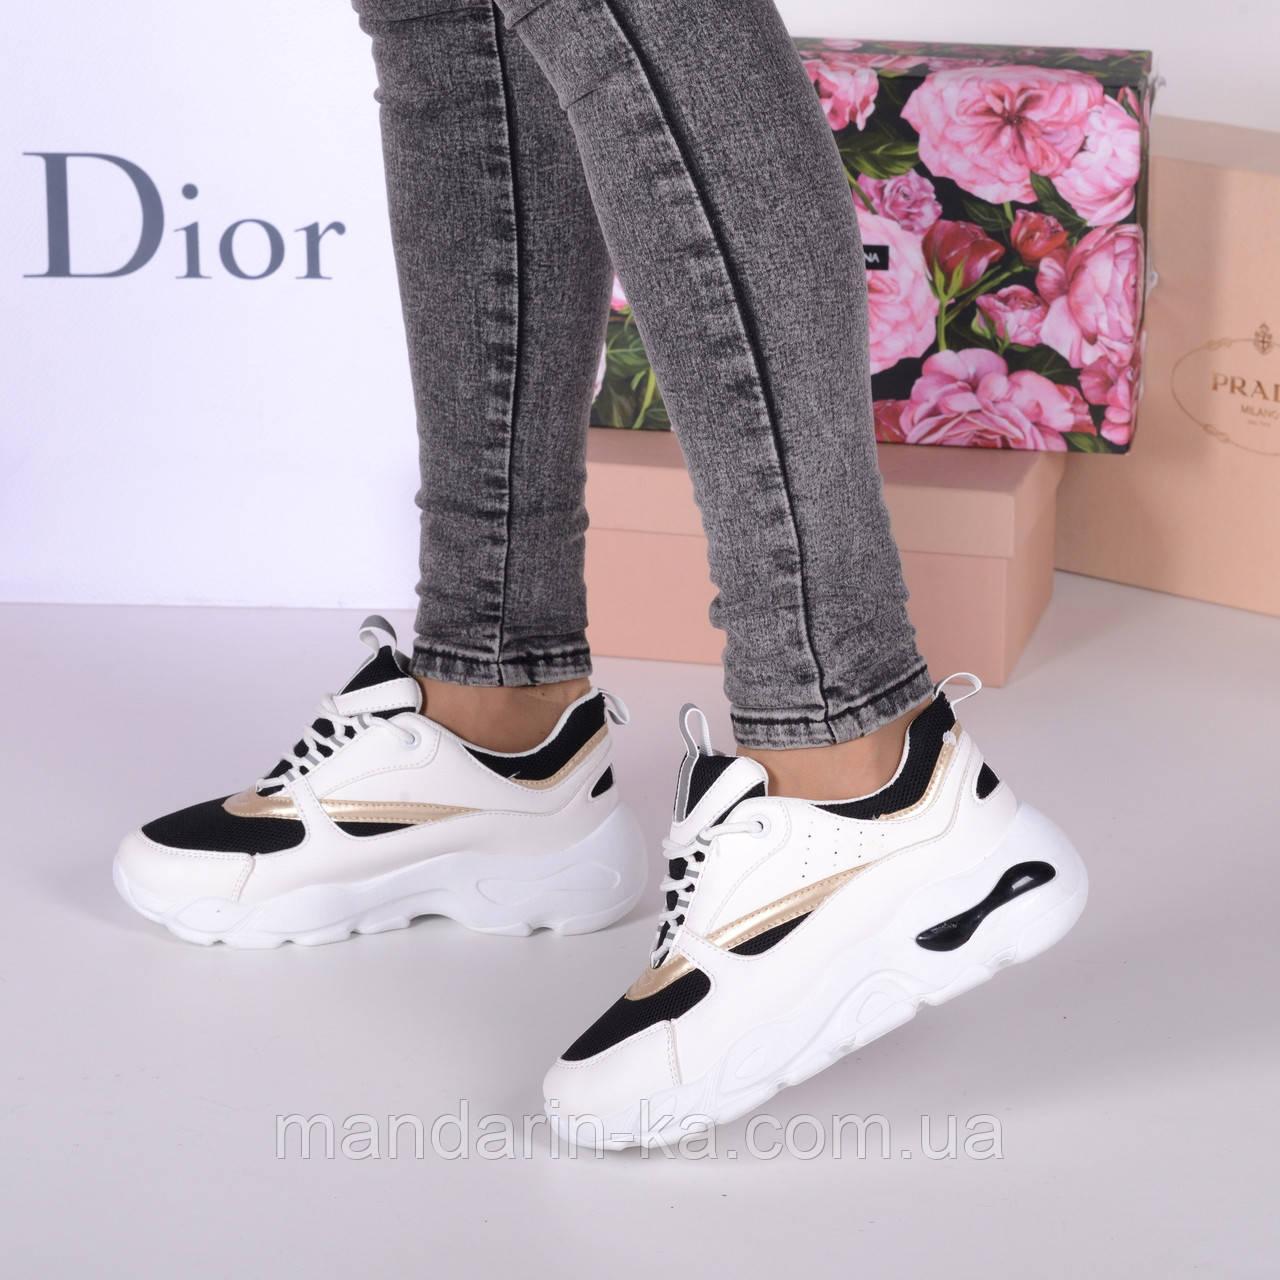 Женские кроссовки с  текстильными вставками